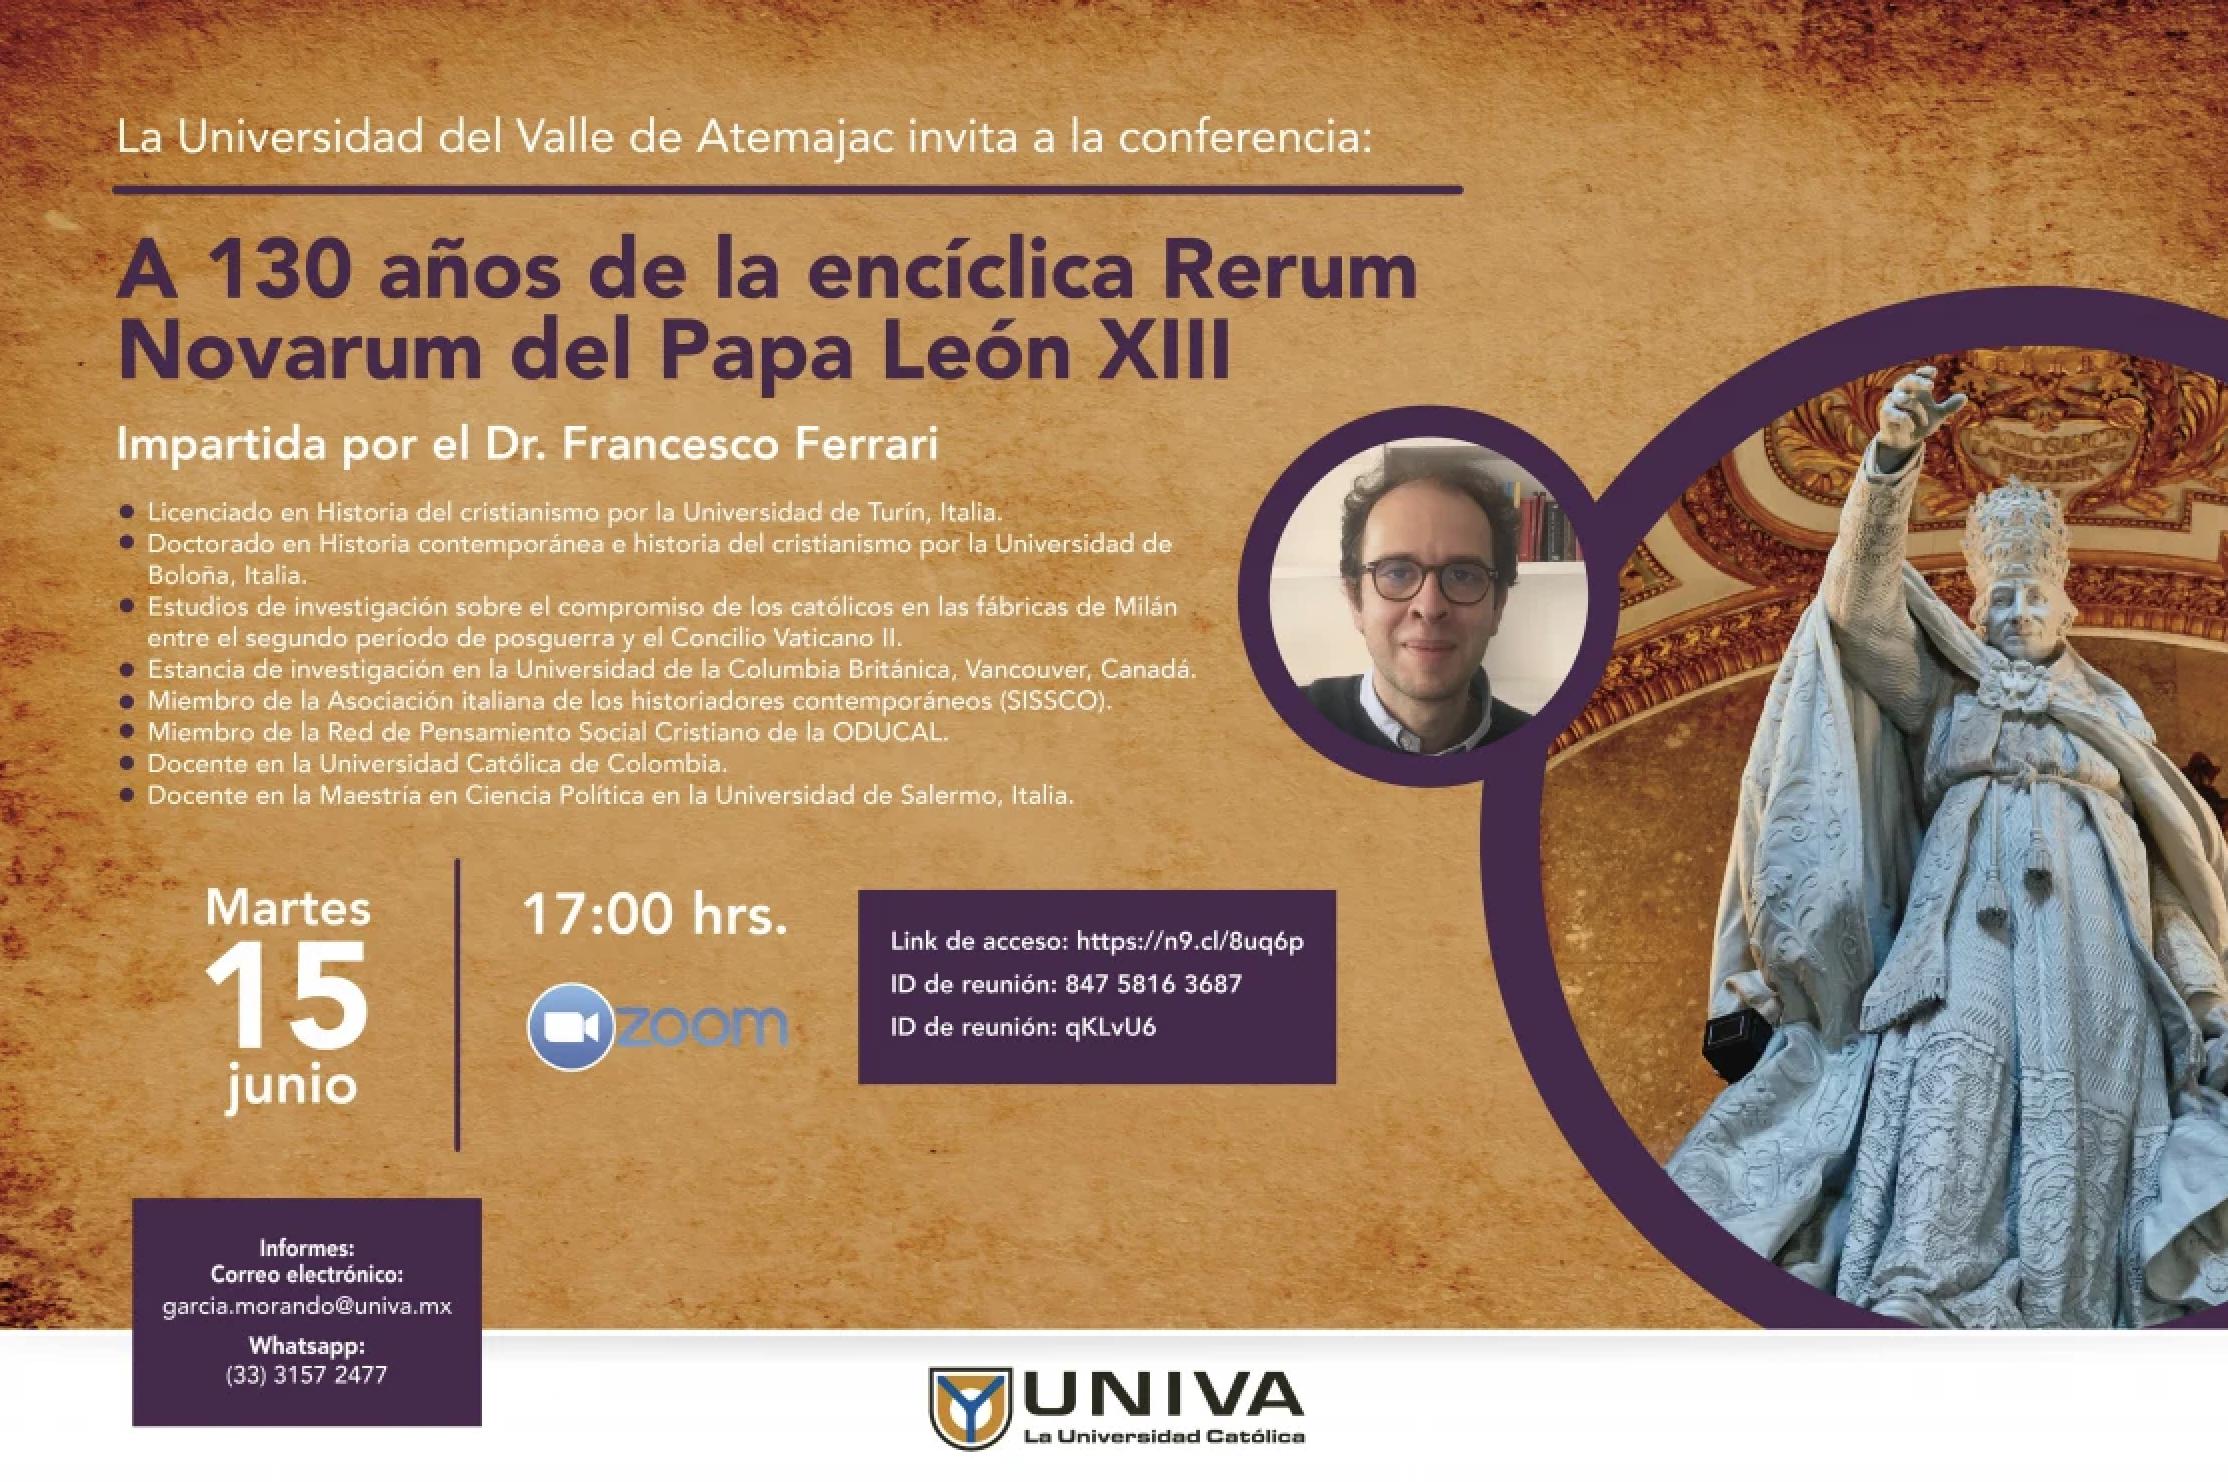 Conferencia: 130 años de la encíclica Rerum Novarum del Papa León XIII